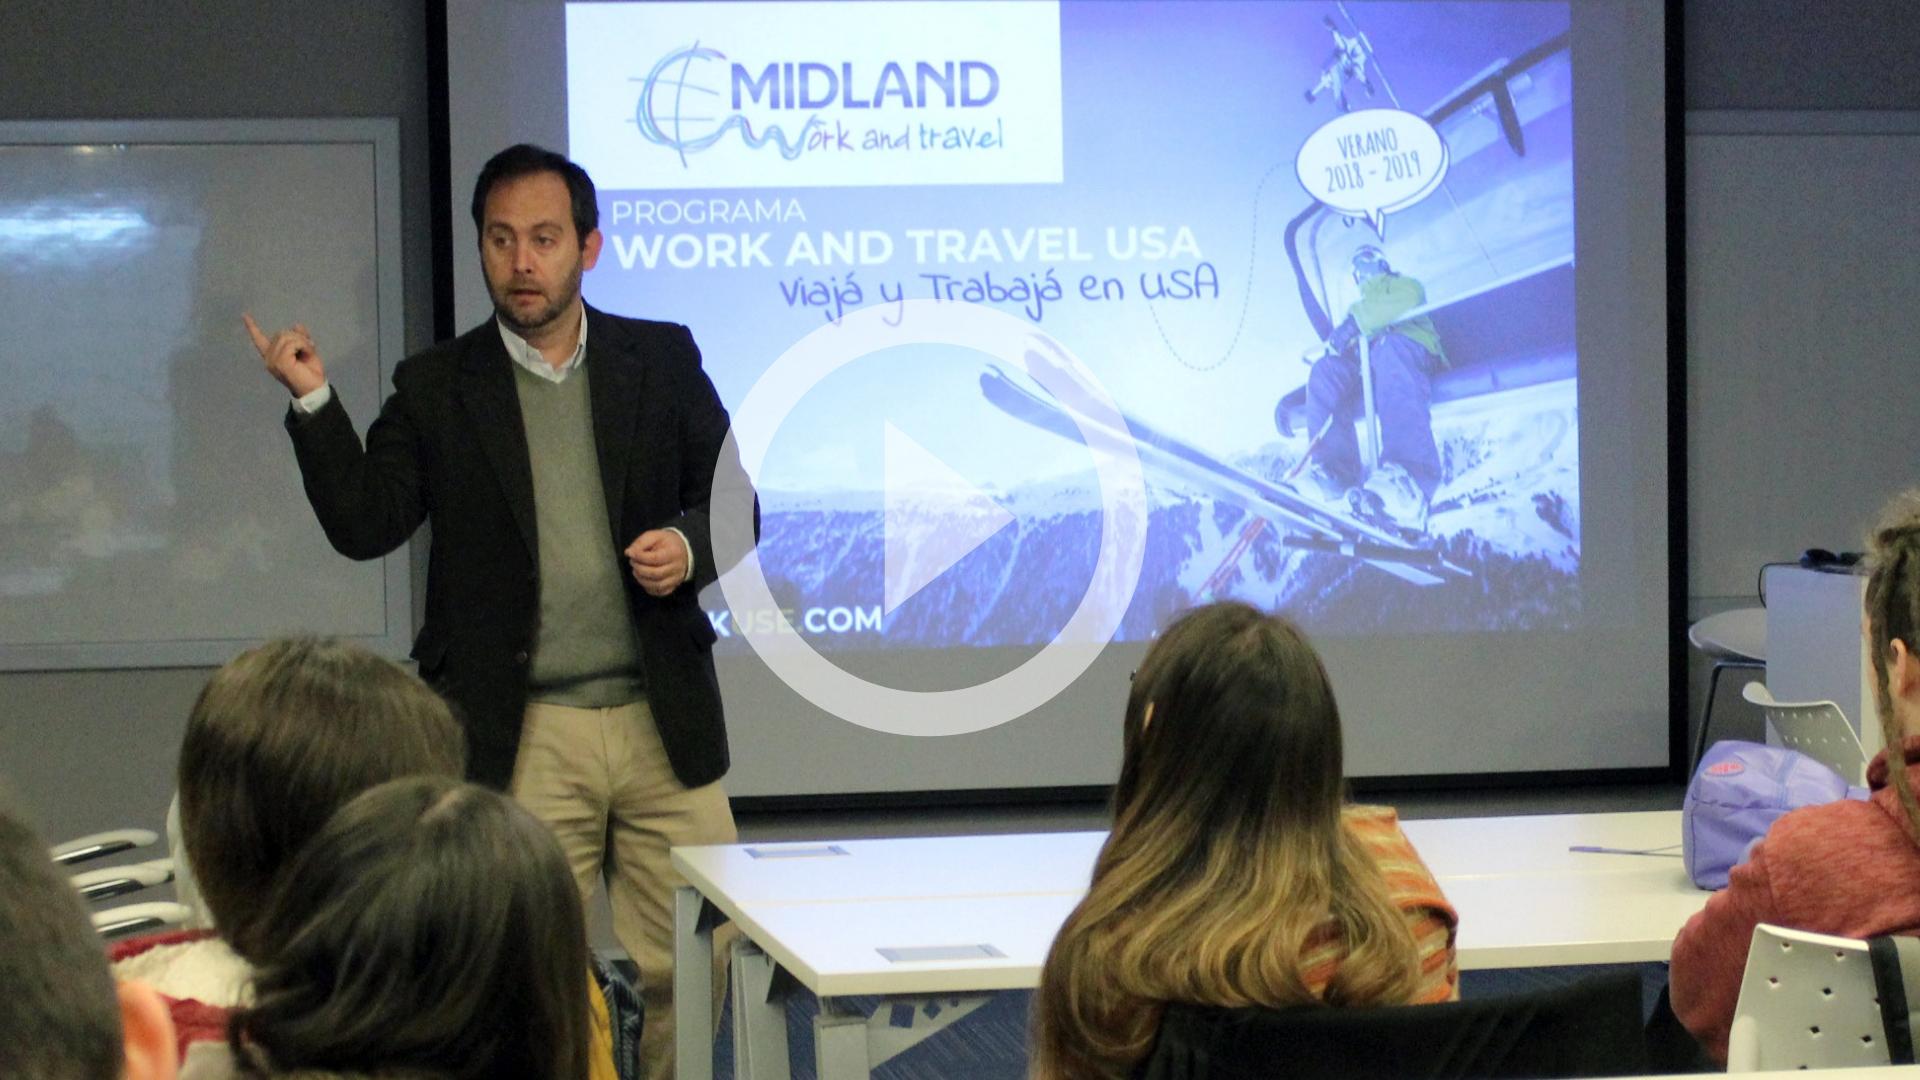 Egresado es CEO de Midland Travel